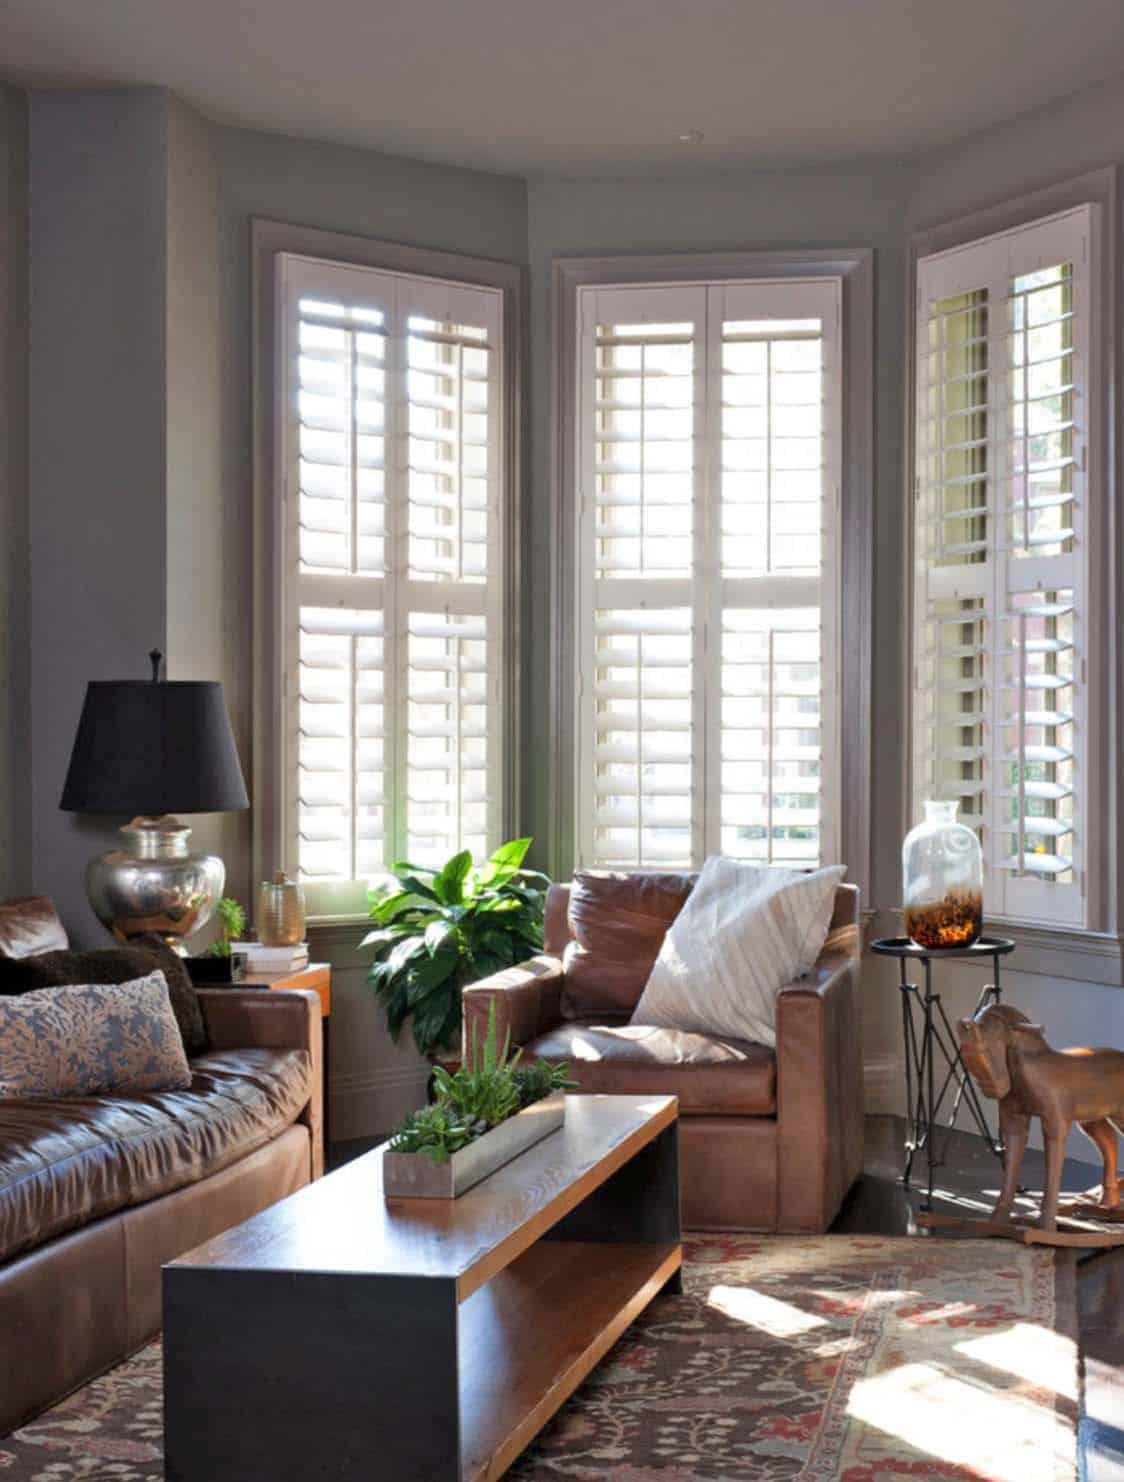 Rénovation de maison de style transitionnel-Lawlor Architects-02-1 Kindesign